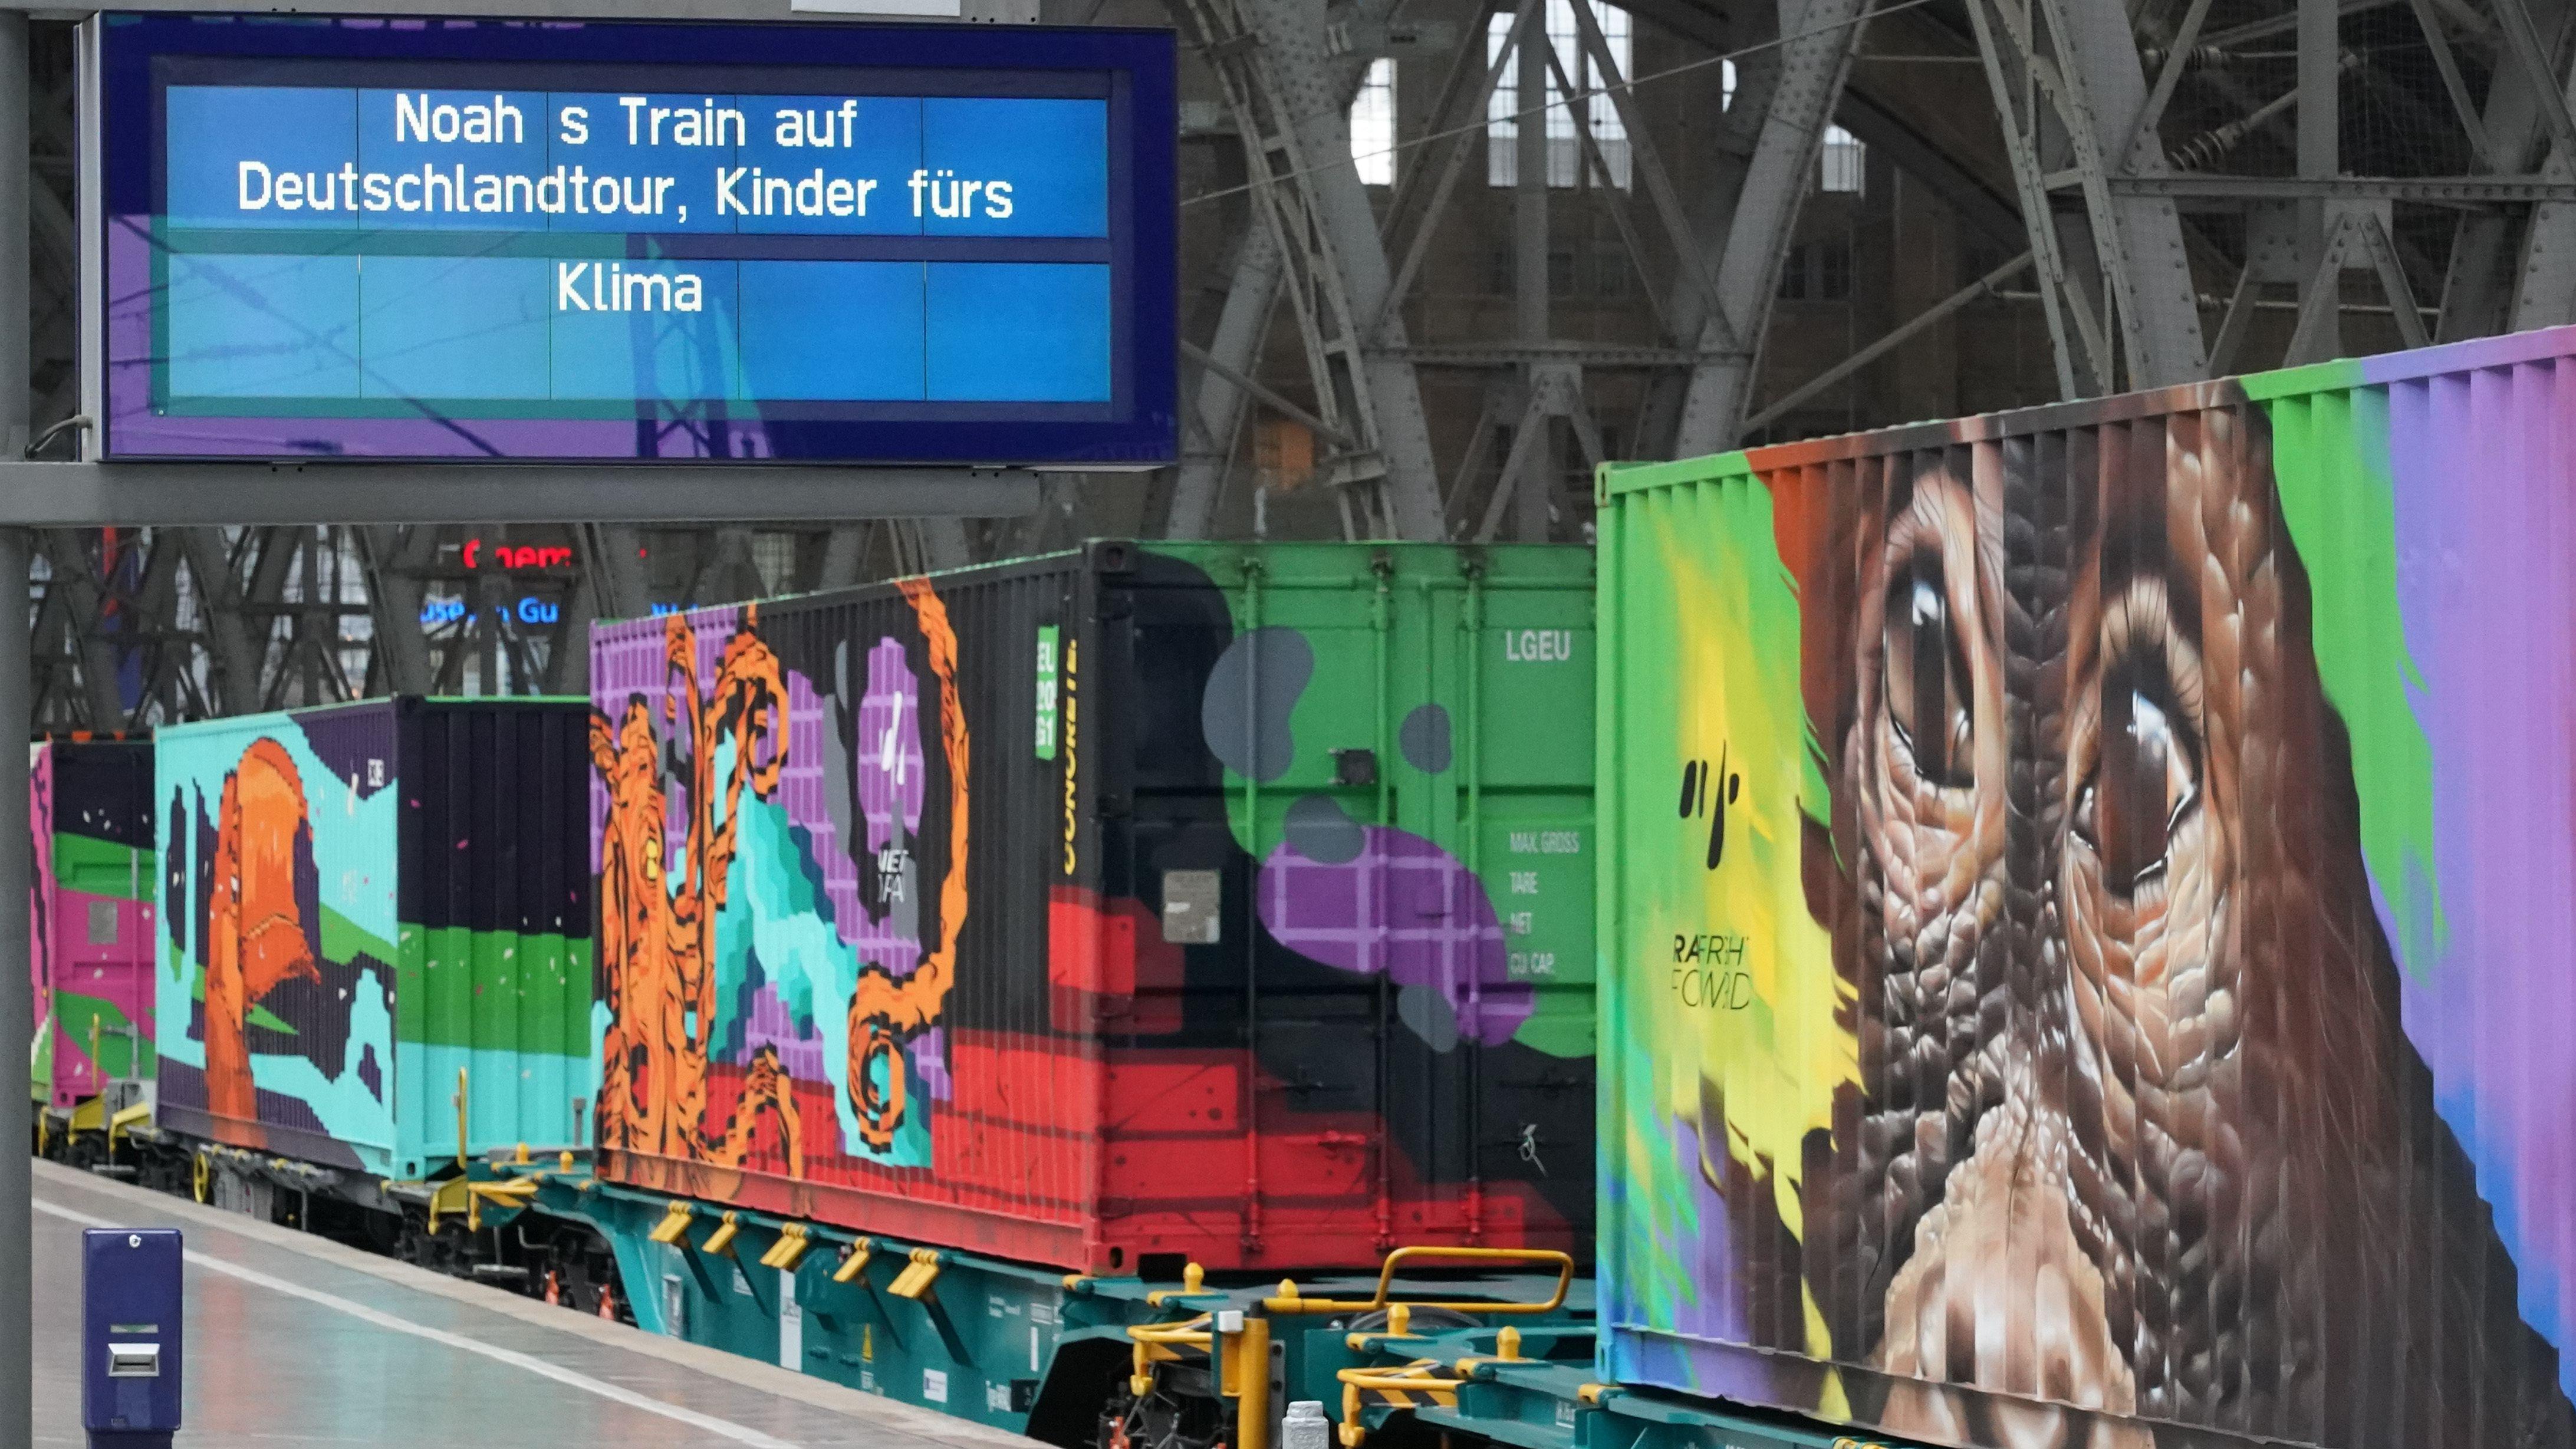 Noah's Train: Der Kinder-fürs-Klima-Zug gastiert in München (Foto aus Leipzig).